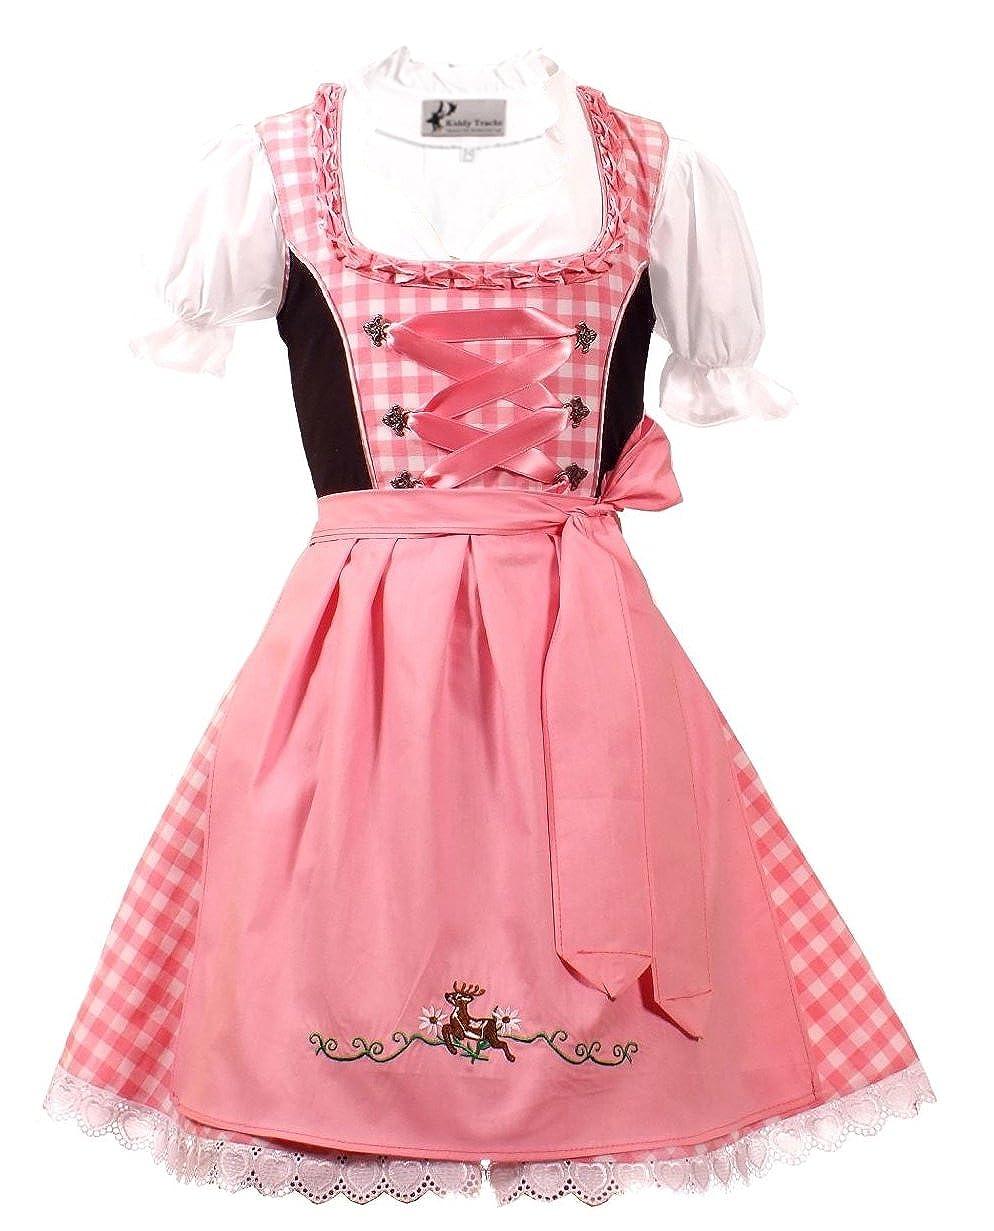 Trachtenkleid 3tlg. Kinder Dirndl Mädchen Kleid Gr. 92, 104, 116, 128, 140, 146, 152 KD-226